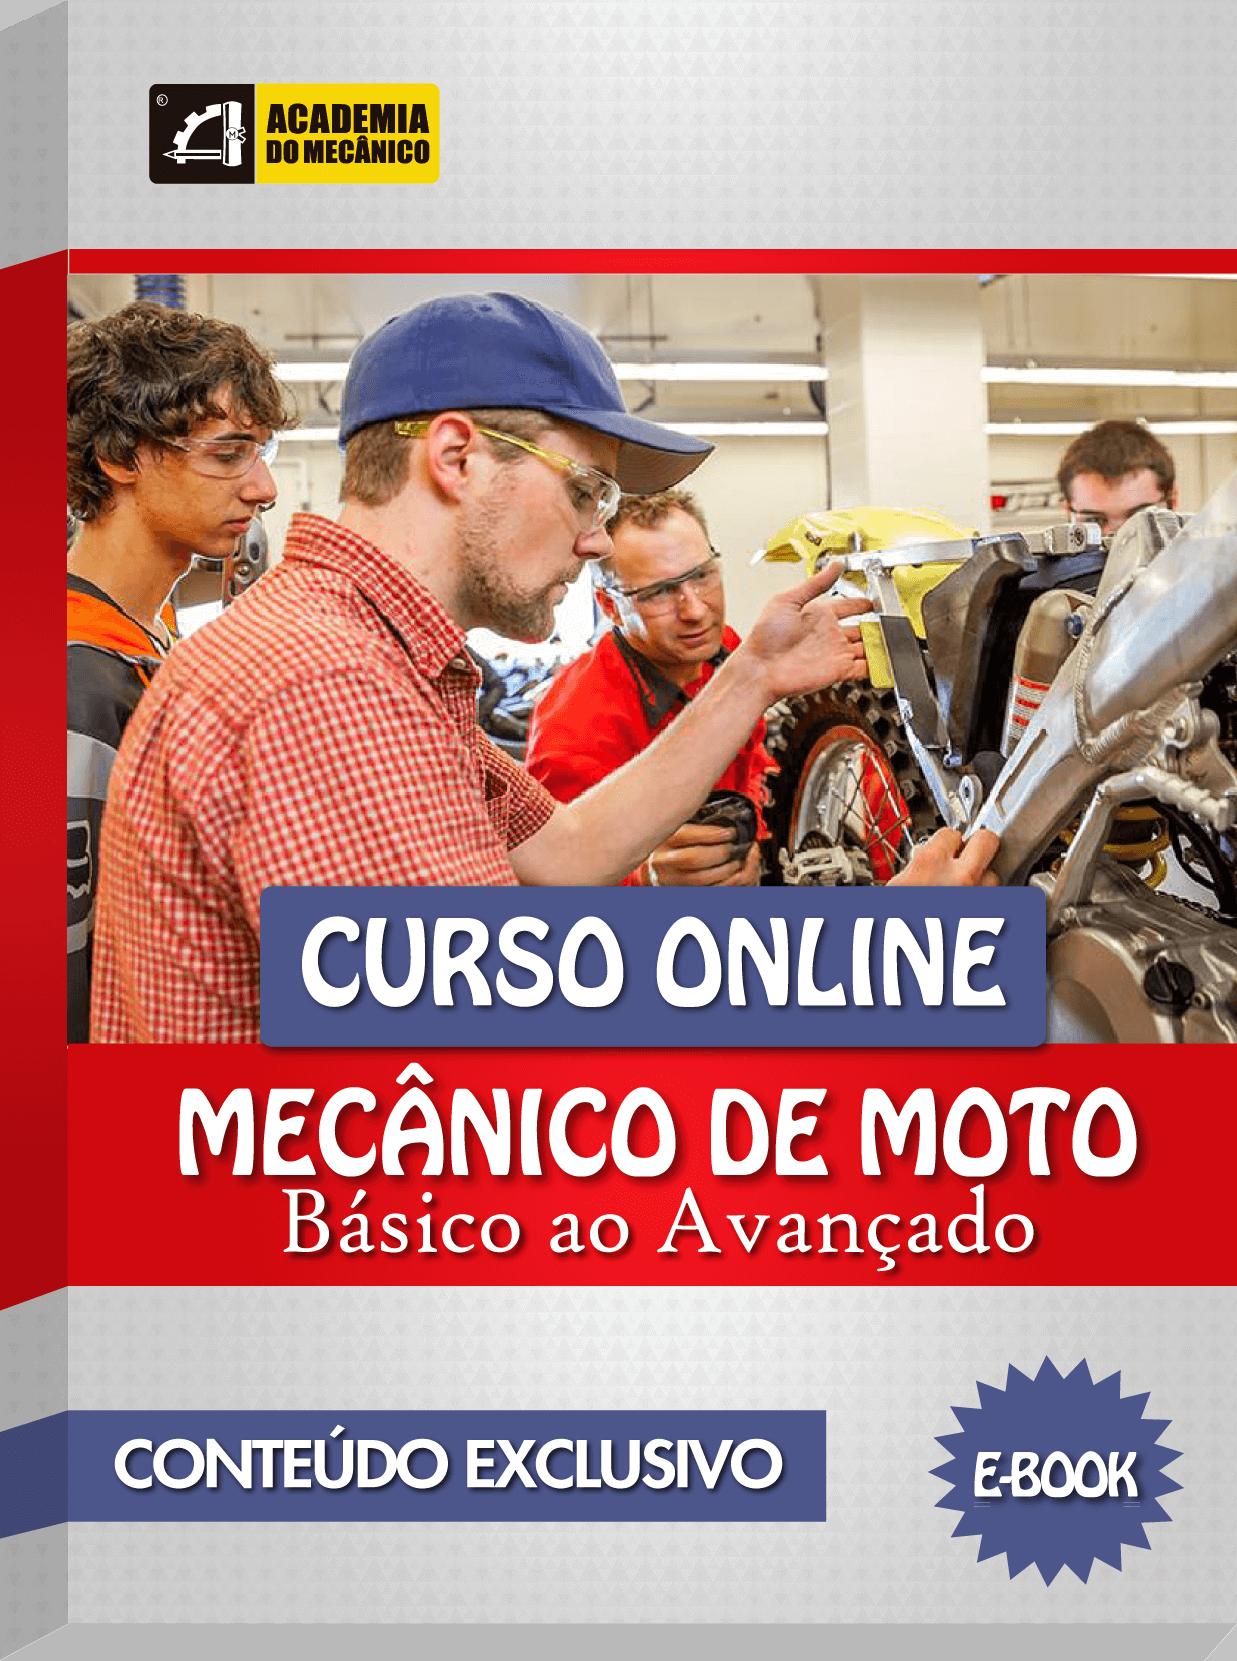 Resultado de imagem para CURSO DE MECANICA DE MOTO